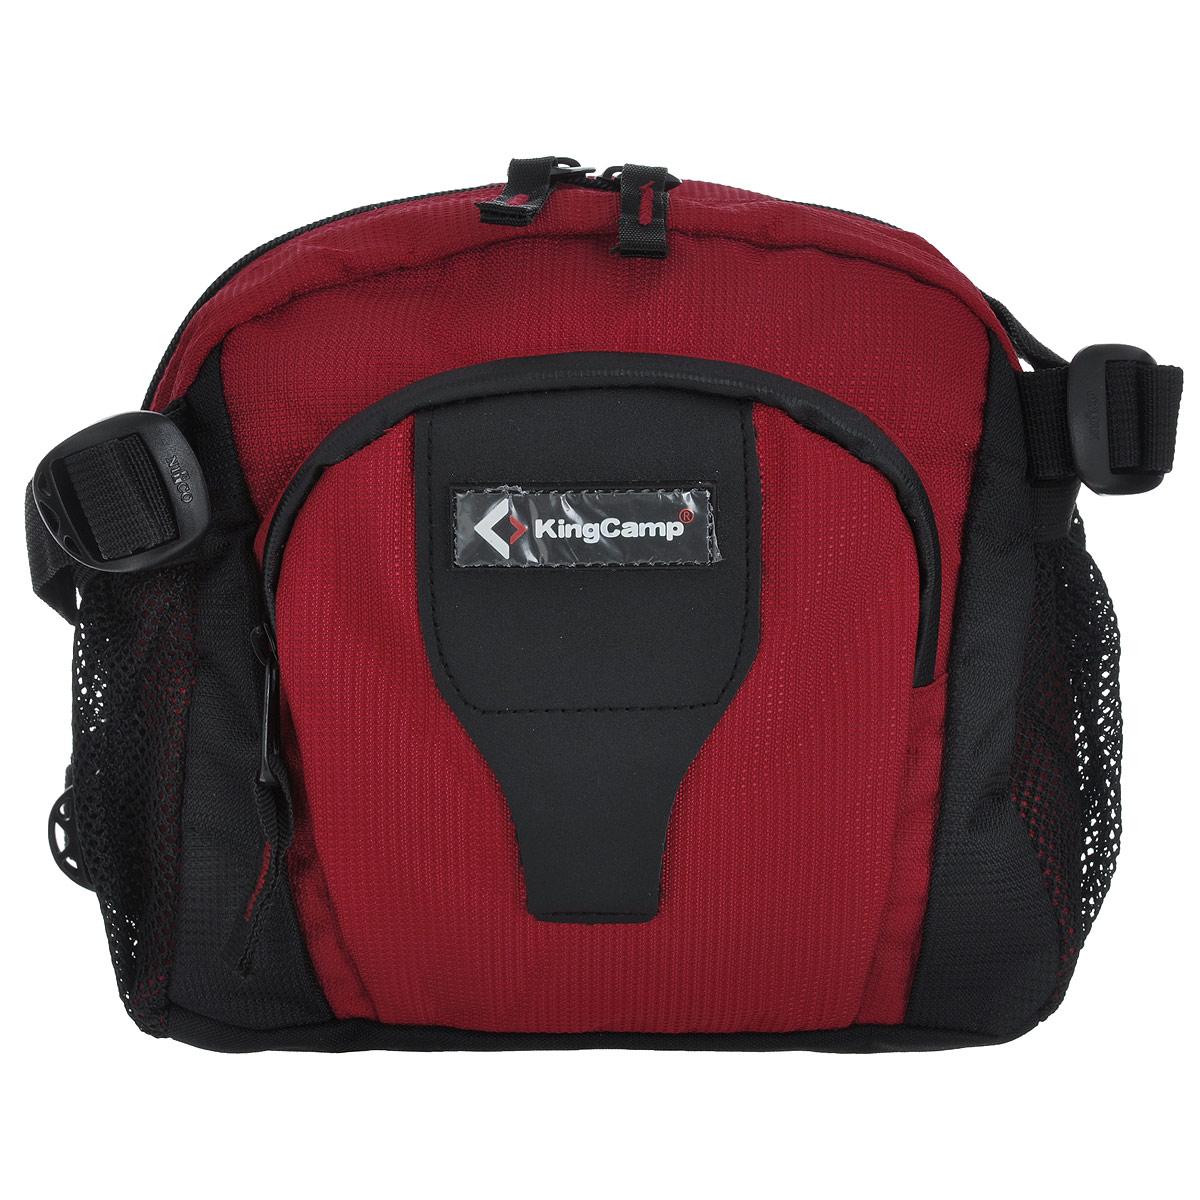 Сумка поясная KingCamp Jordan, цвет: красныйУТ-000049351Поясная сумка KingCamp Jordan изготовлена из полиэстера. Сумка имеет 1 основное отделение, которое закрывается на застежку молнию. Внутри отделения находится накладной карман на застежке-молнии, а также карабин для ключей. На лицевой стороне расположен накладной карман с мягким покрытием на застежке-молнии с 2 сетчатыми кармашками внутри. По бокам сумки расположены 2 сетчатых кармана. Такая сумка отлично подойдет любителям фитнеса и пробежек. В нее можно положить необходимые вещи, такие как плеер, ключи, телефон, не боясь, что они потеряются. Сумка крепится на пояс при помощи ремня с пластиковым карабином. Максимальная длина пояса: 95 см.